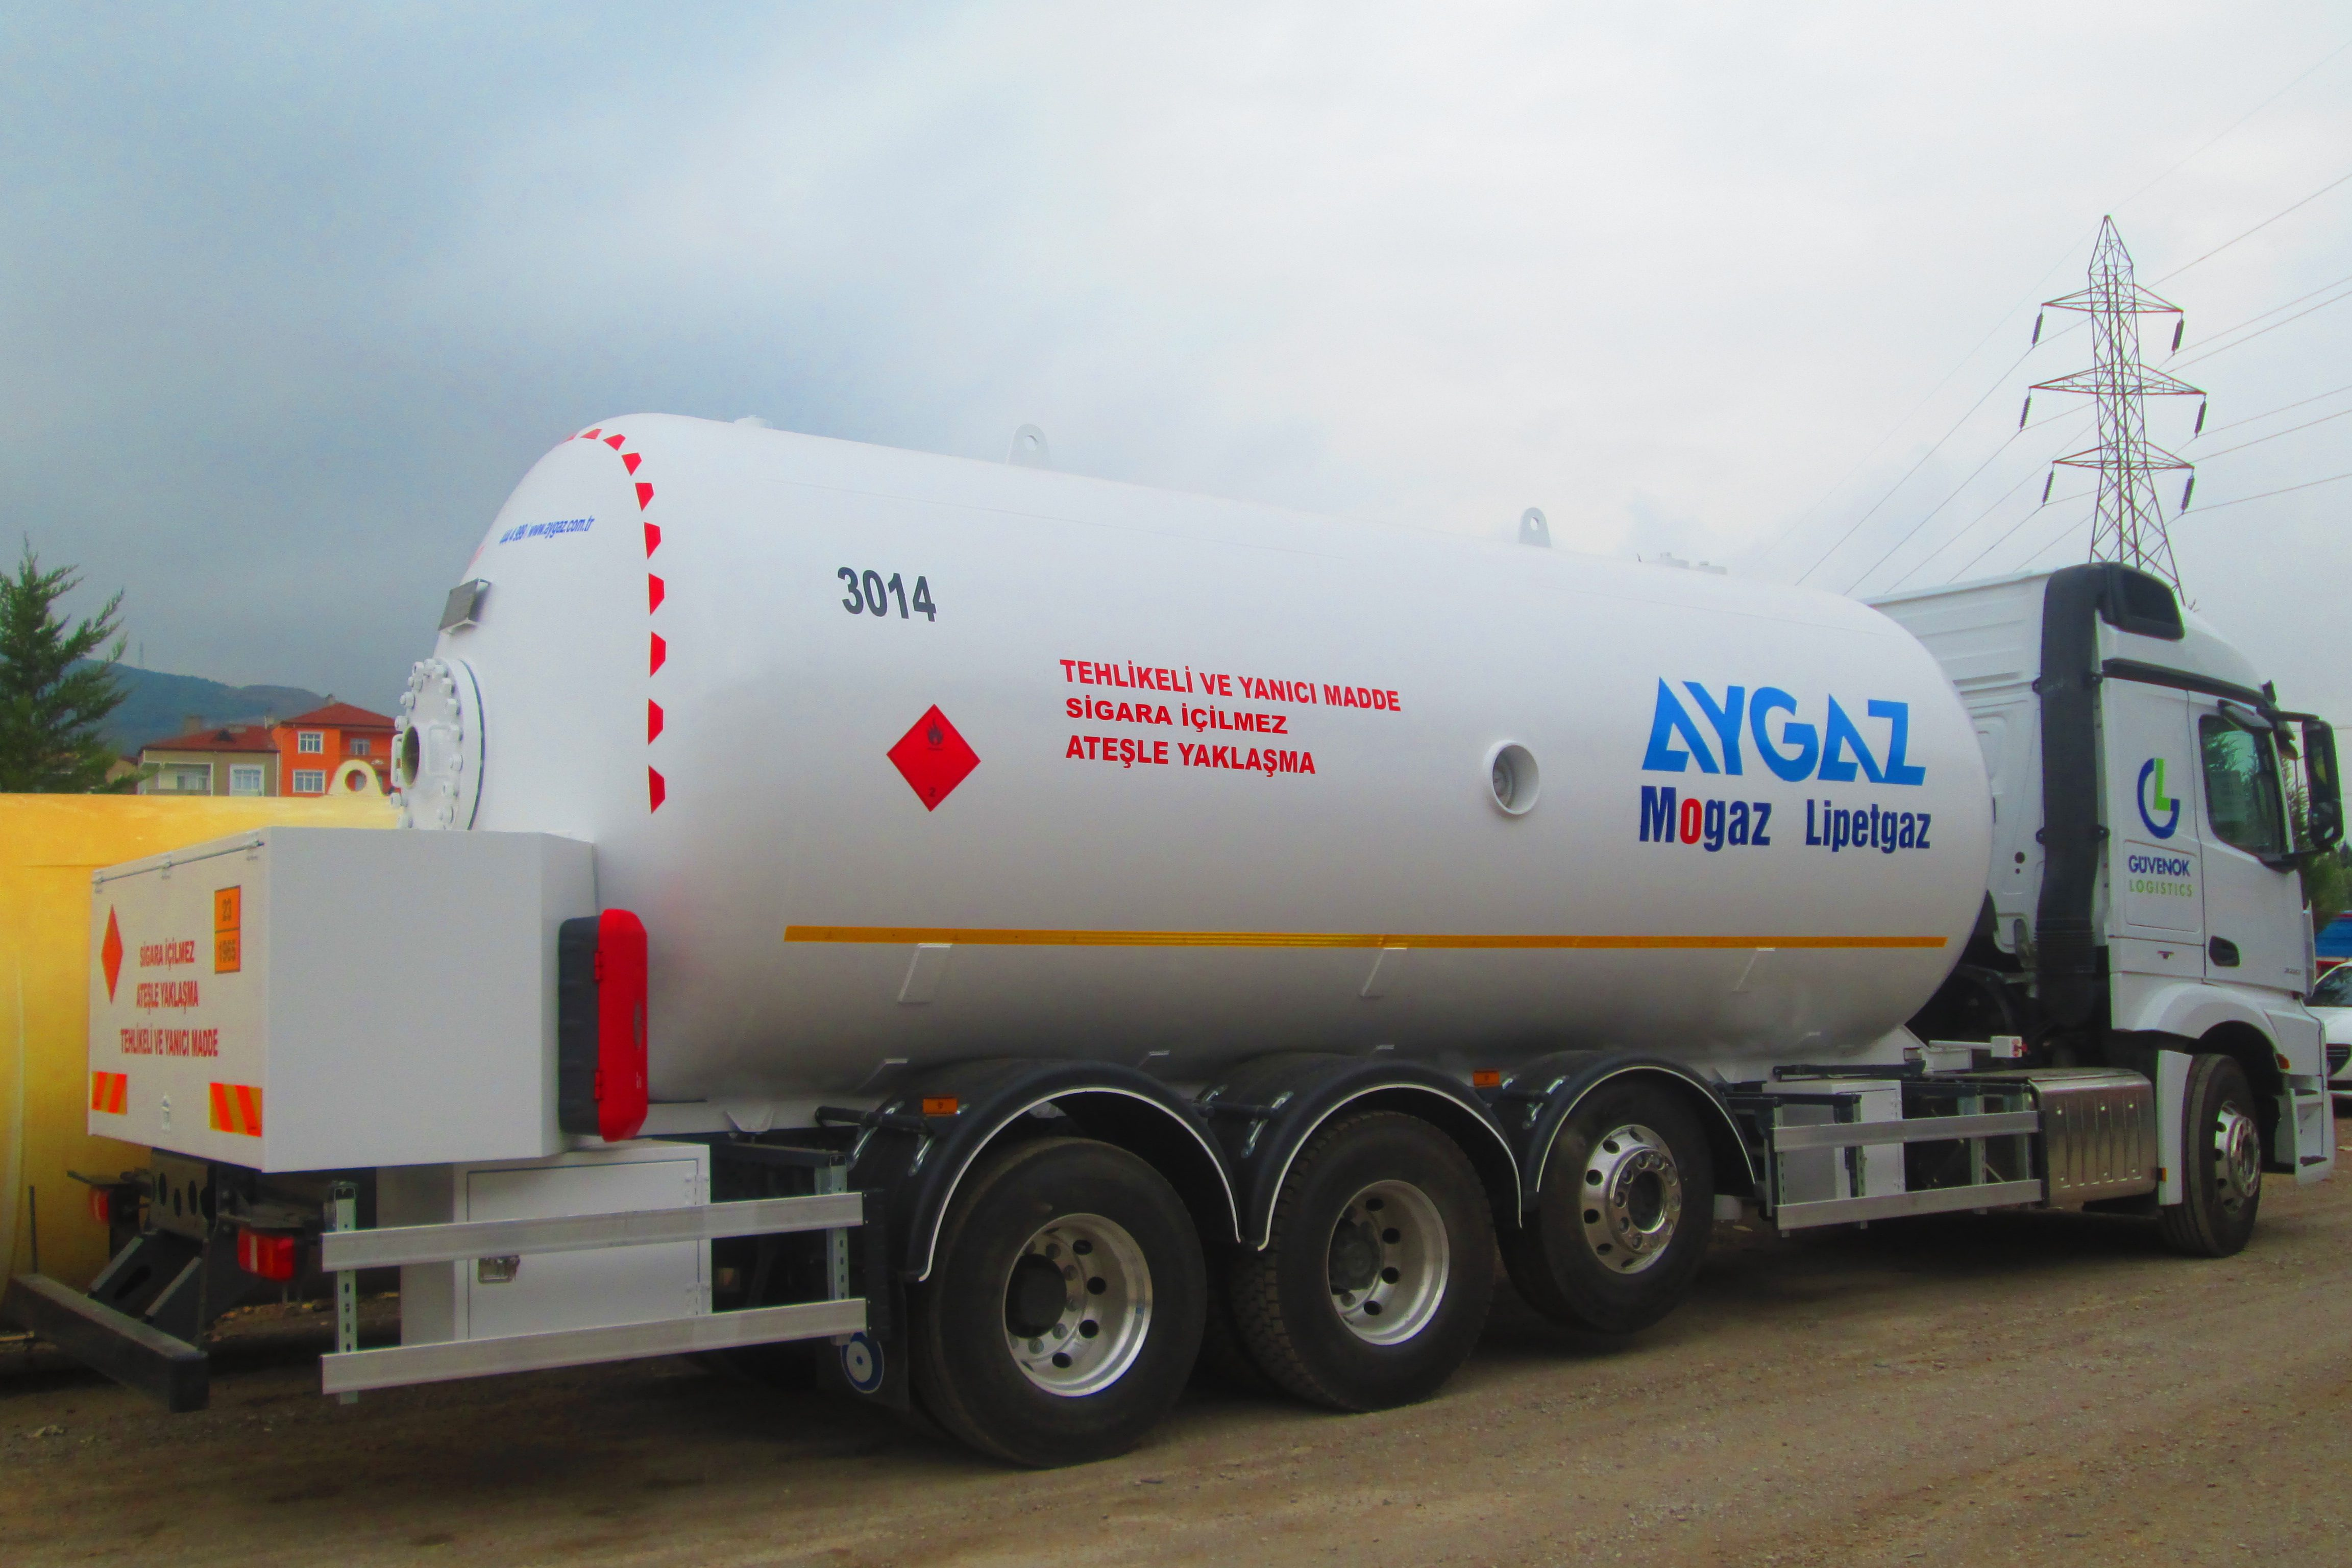 Lpg Transport Tankerleri Tadilat ve Revizyon İşleri